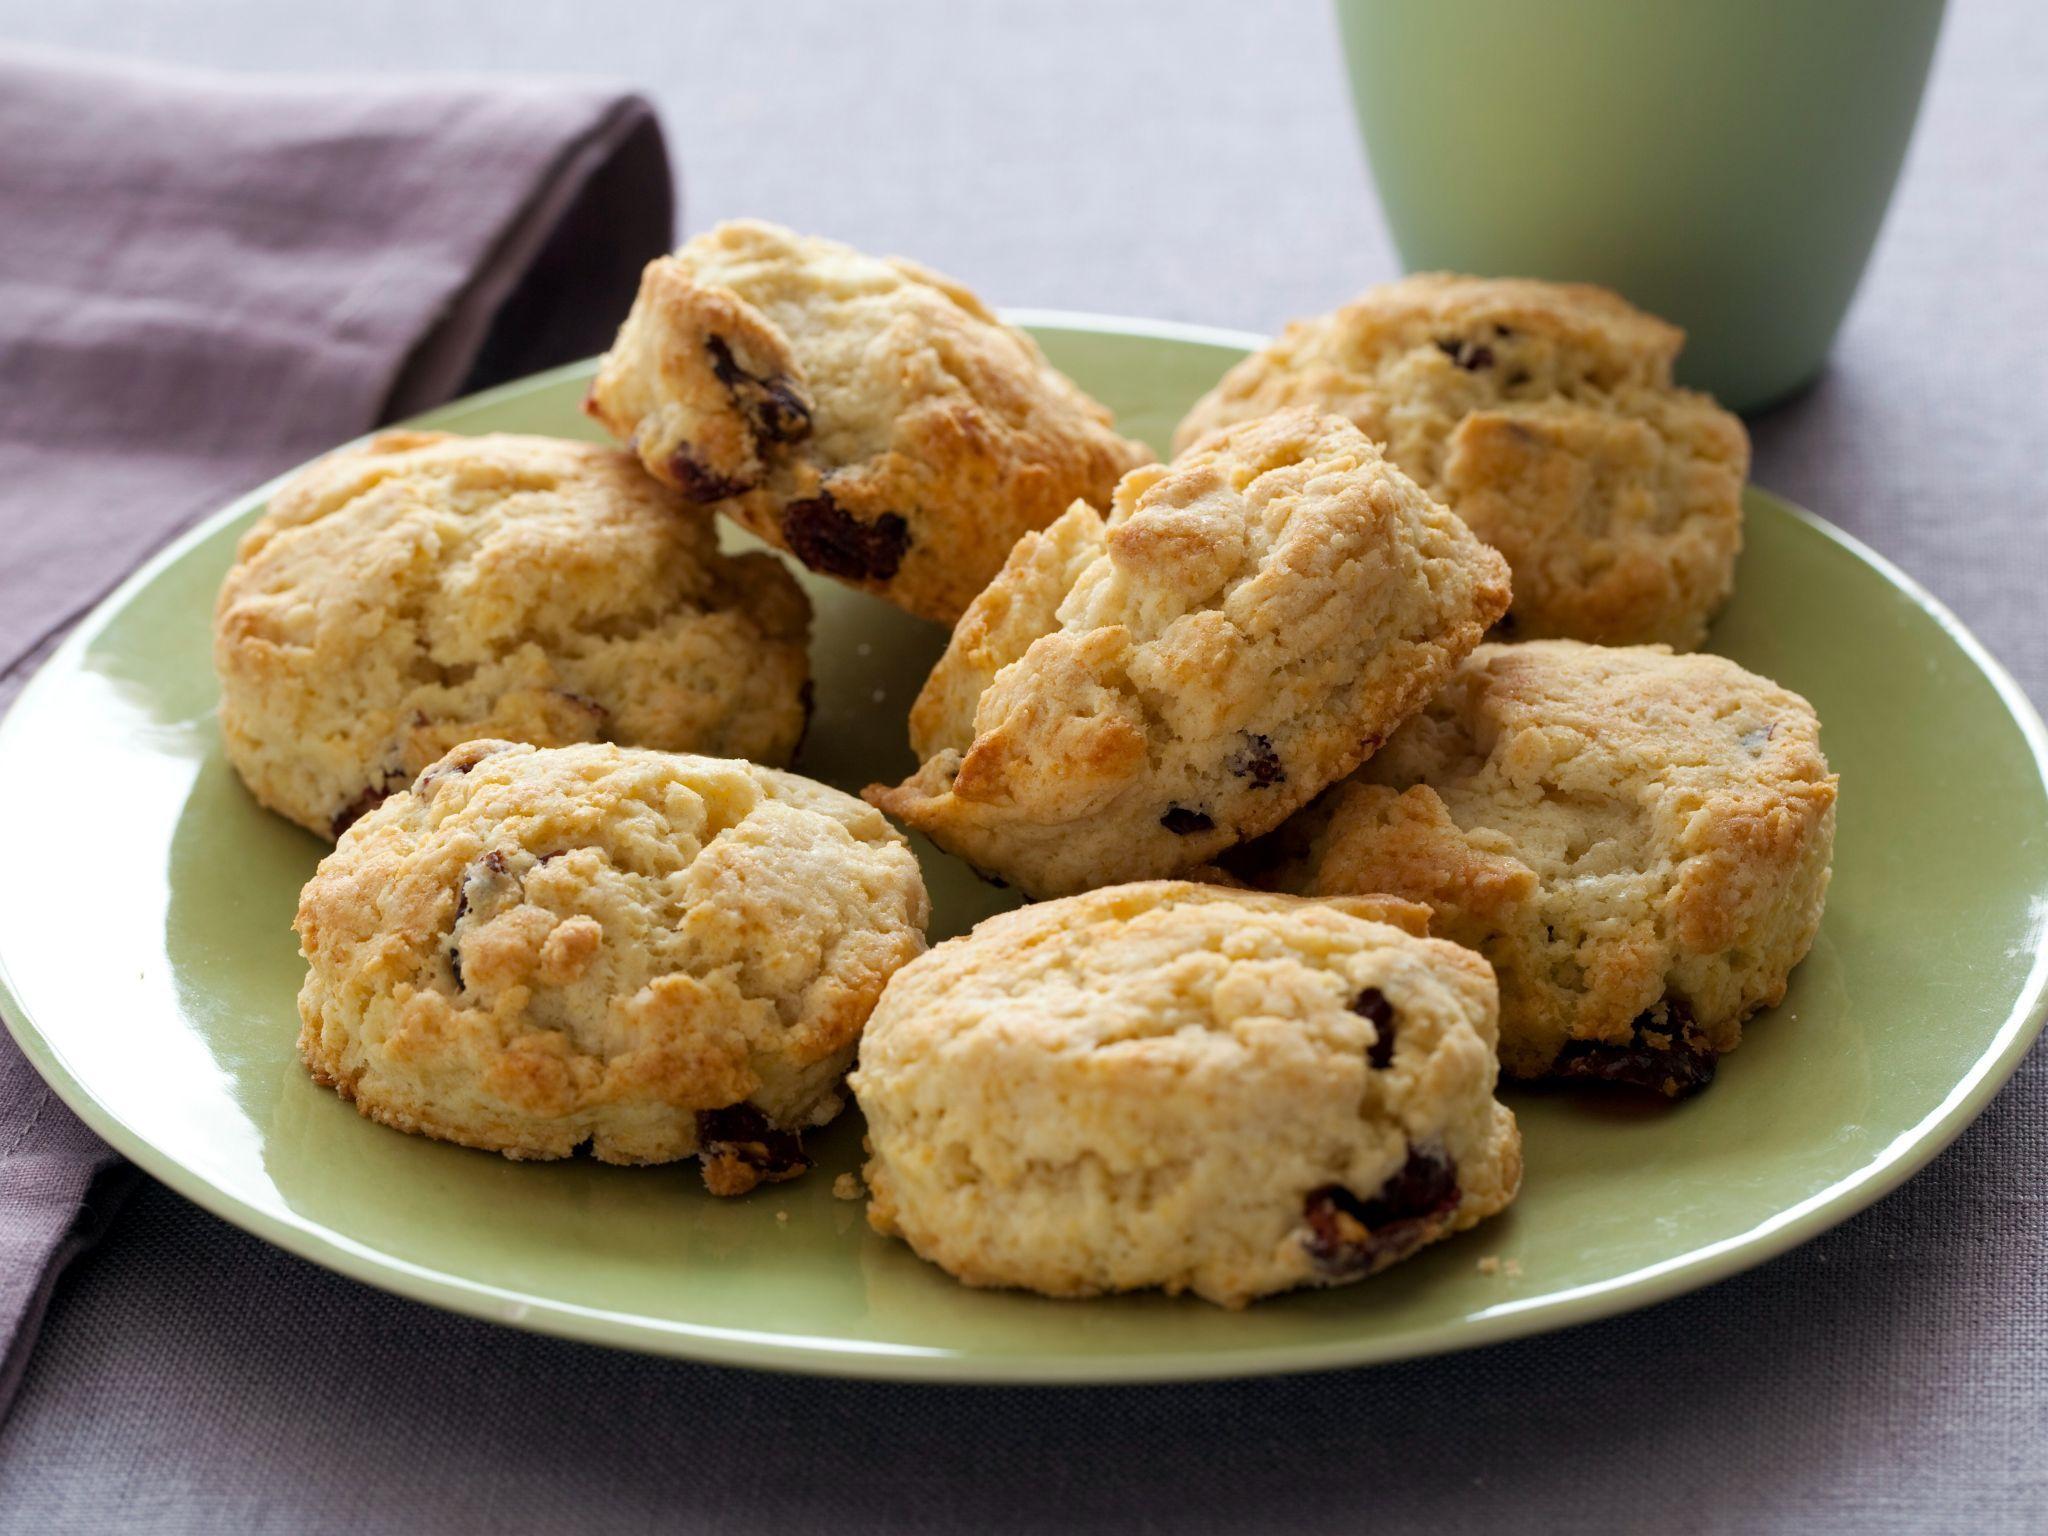 Scones receta alton brown y scones scones scones recipe from alton brown via food network forumfinder Image collections